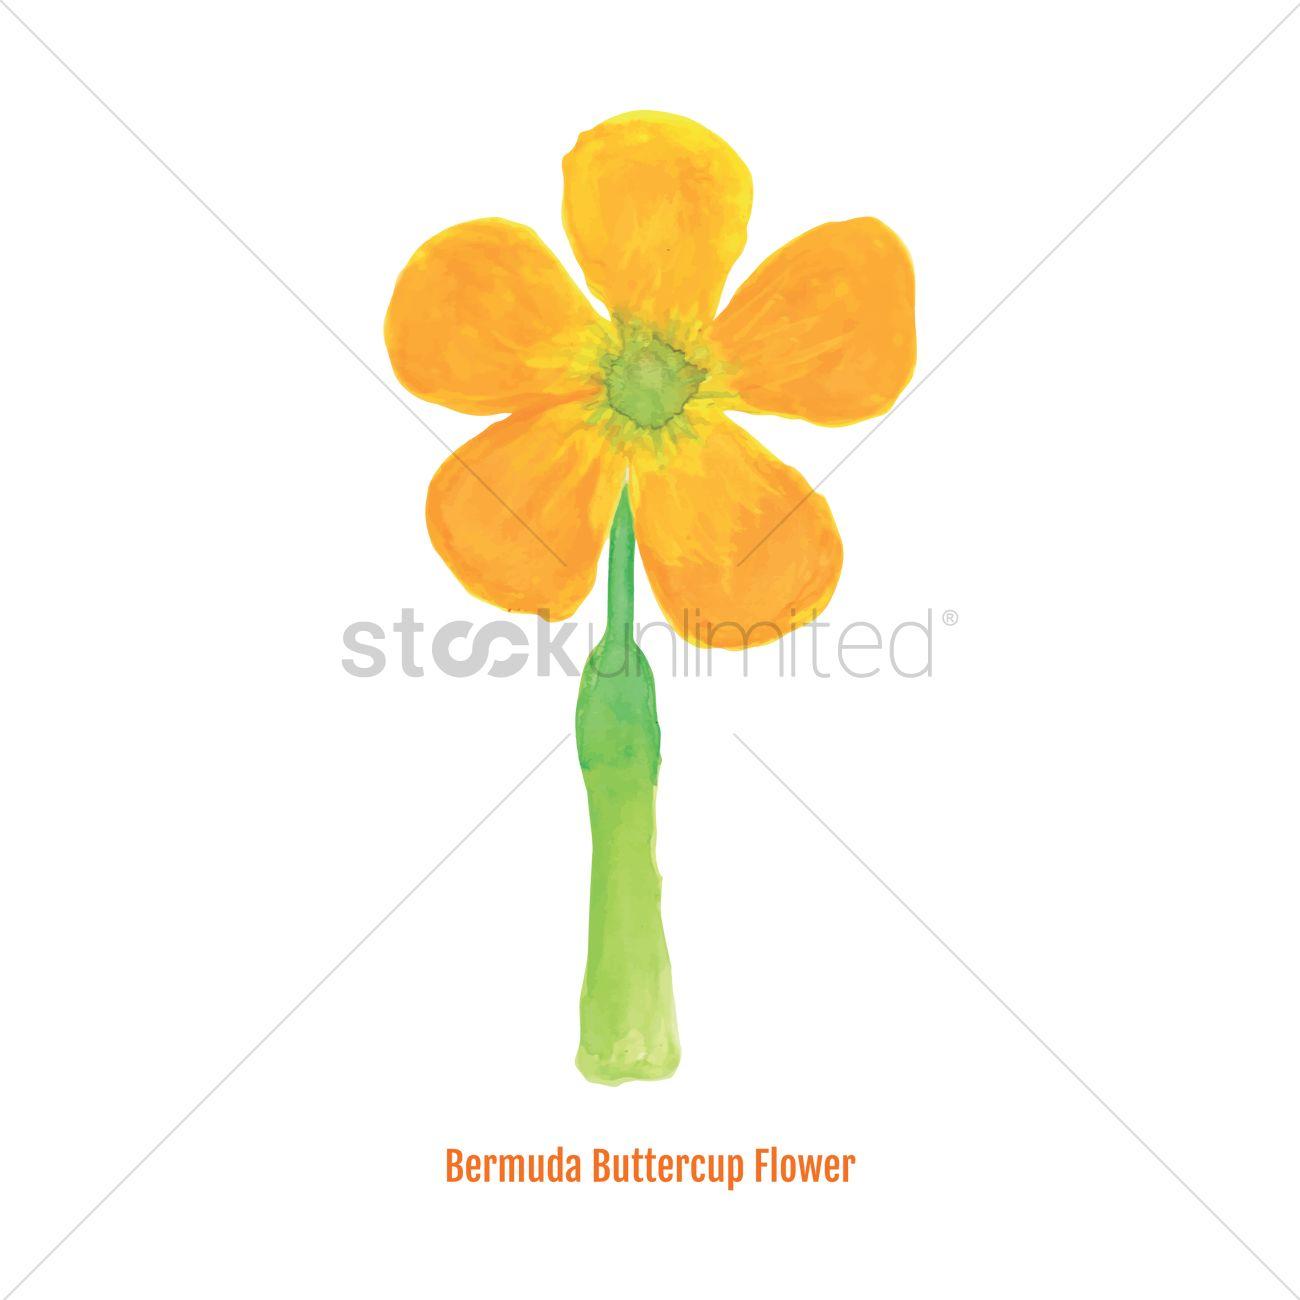 3cb7287e5296e Free Bermuda buttercup flower Vector Image - 1606418 | StockUnlimited